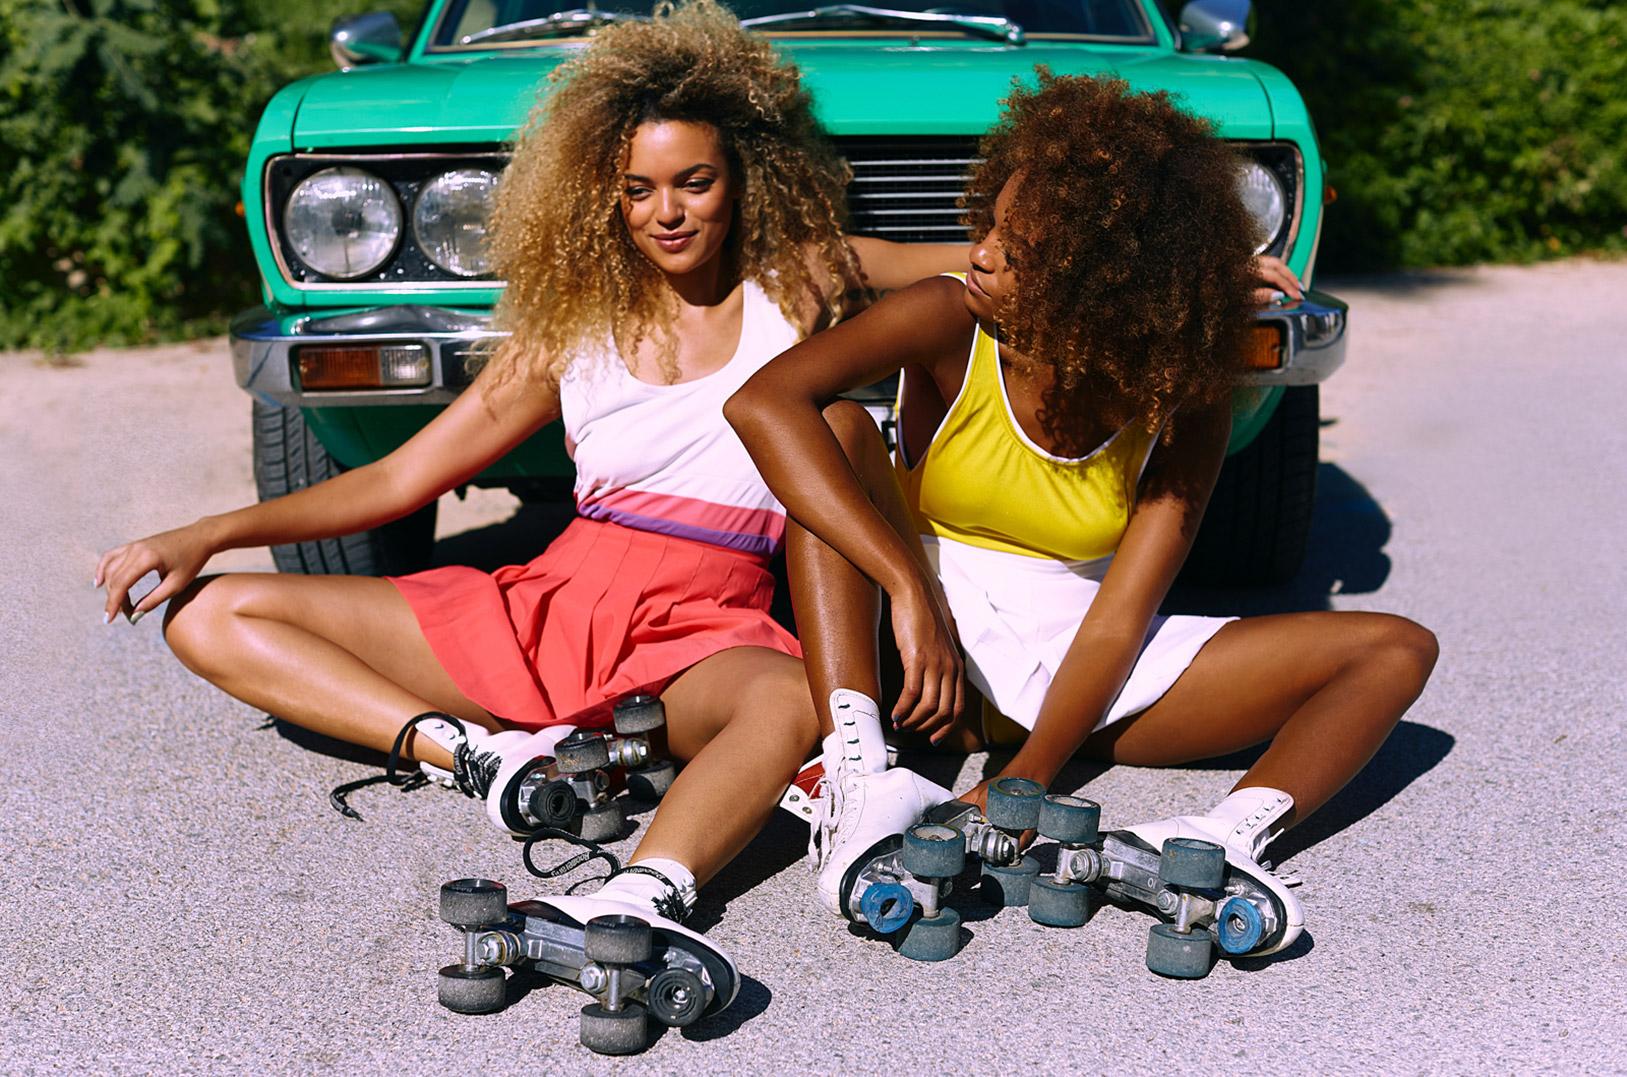 Очаровательные девушки катаются на роликах / фото 01